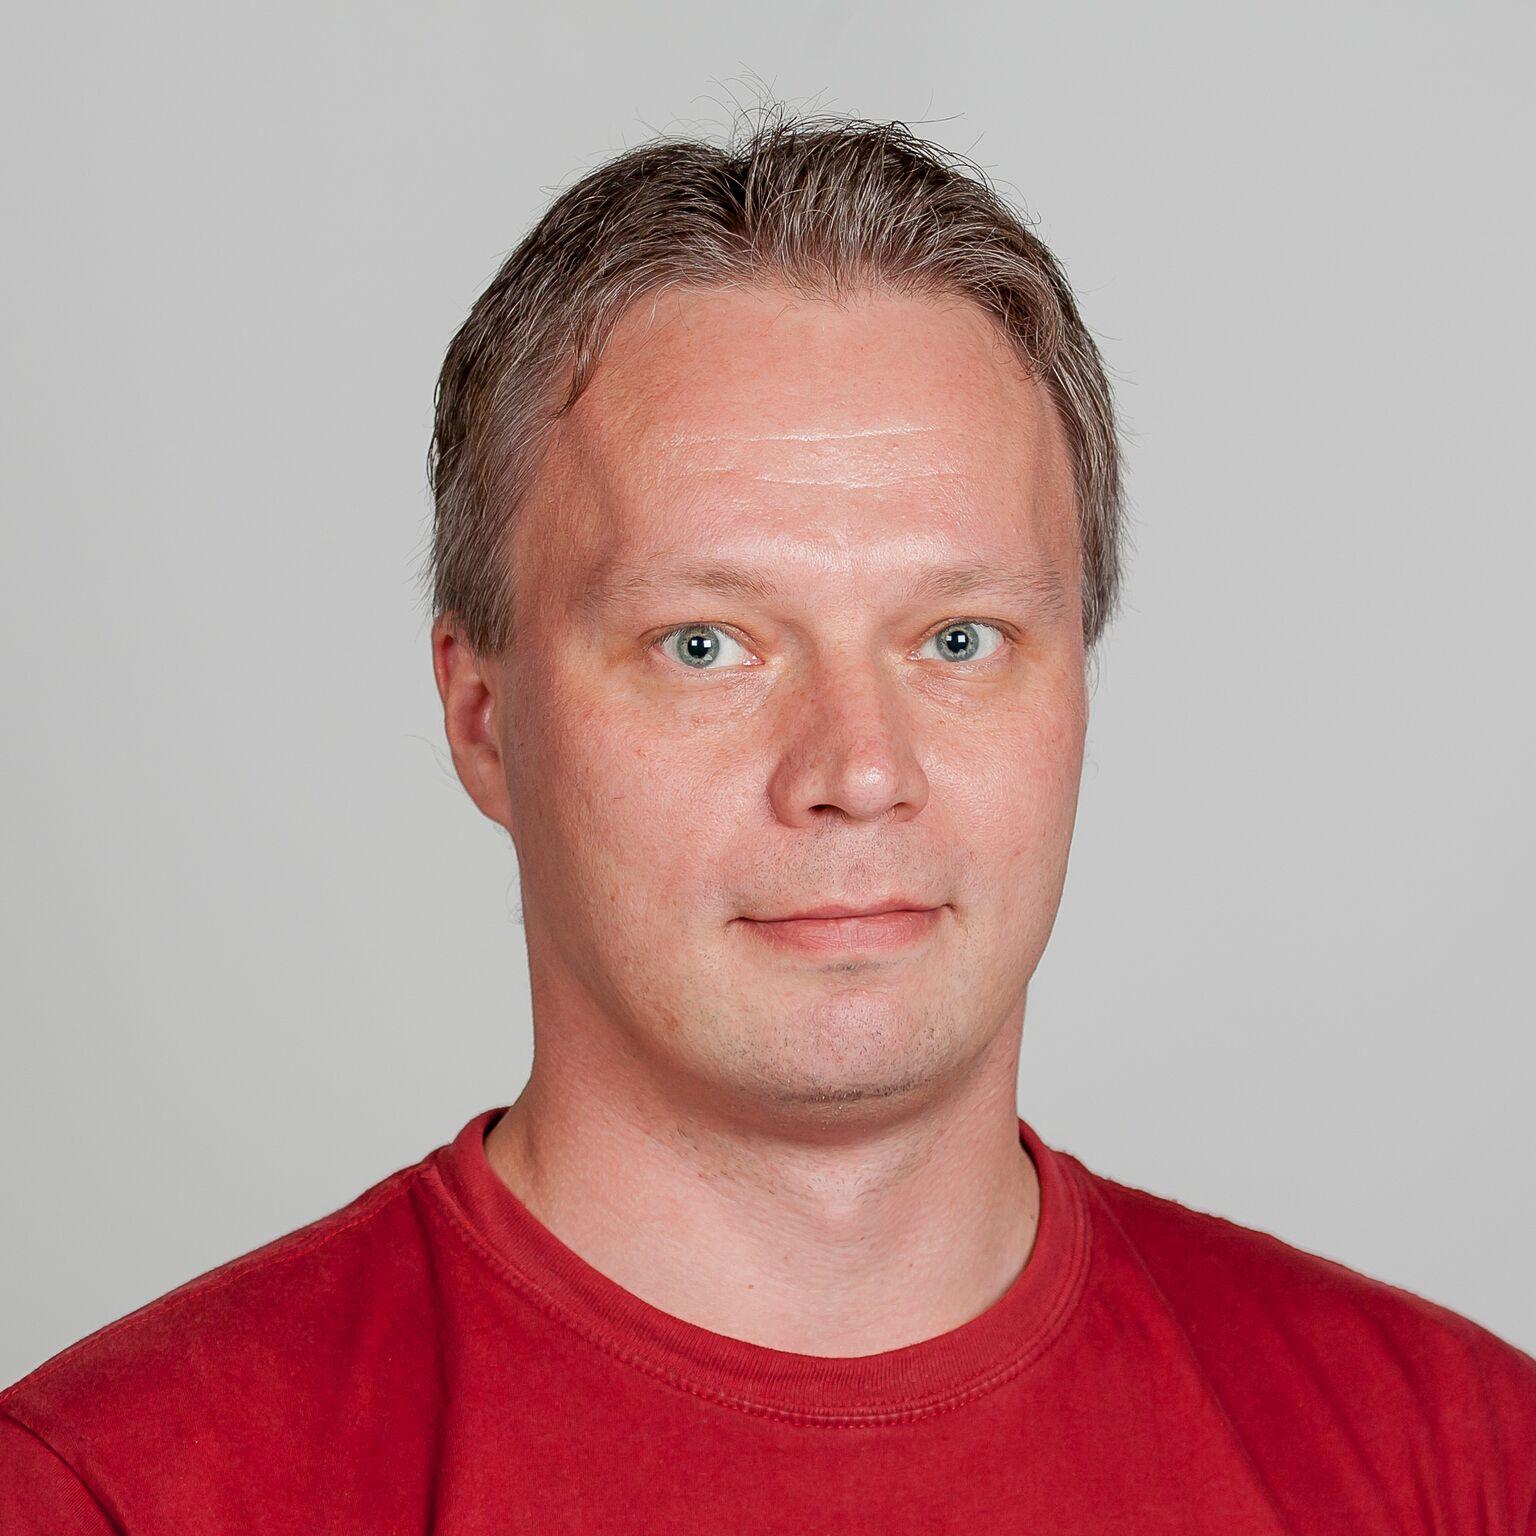 Janne Pirskanen